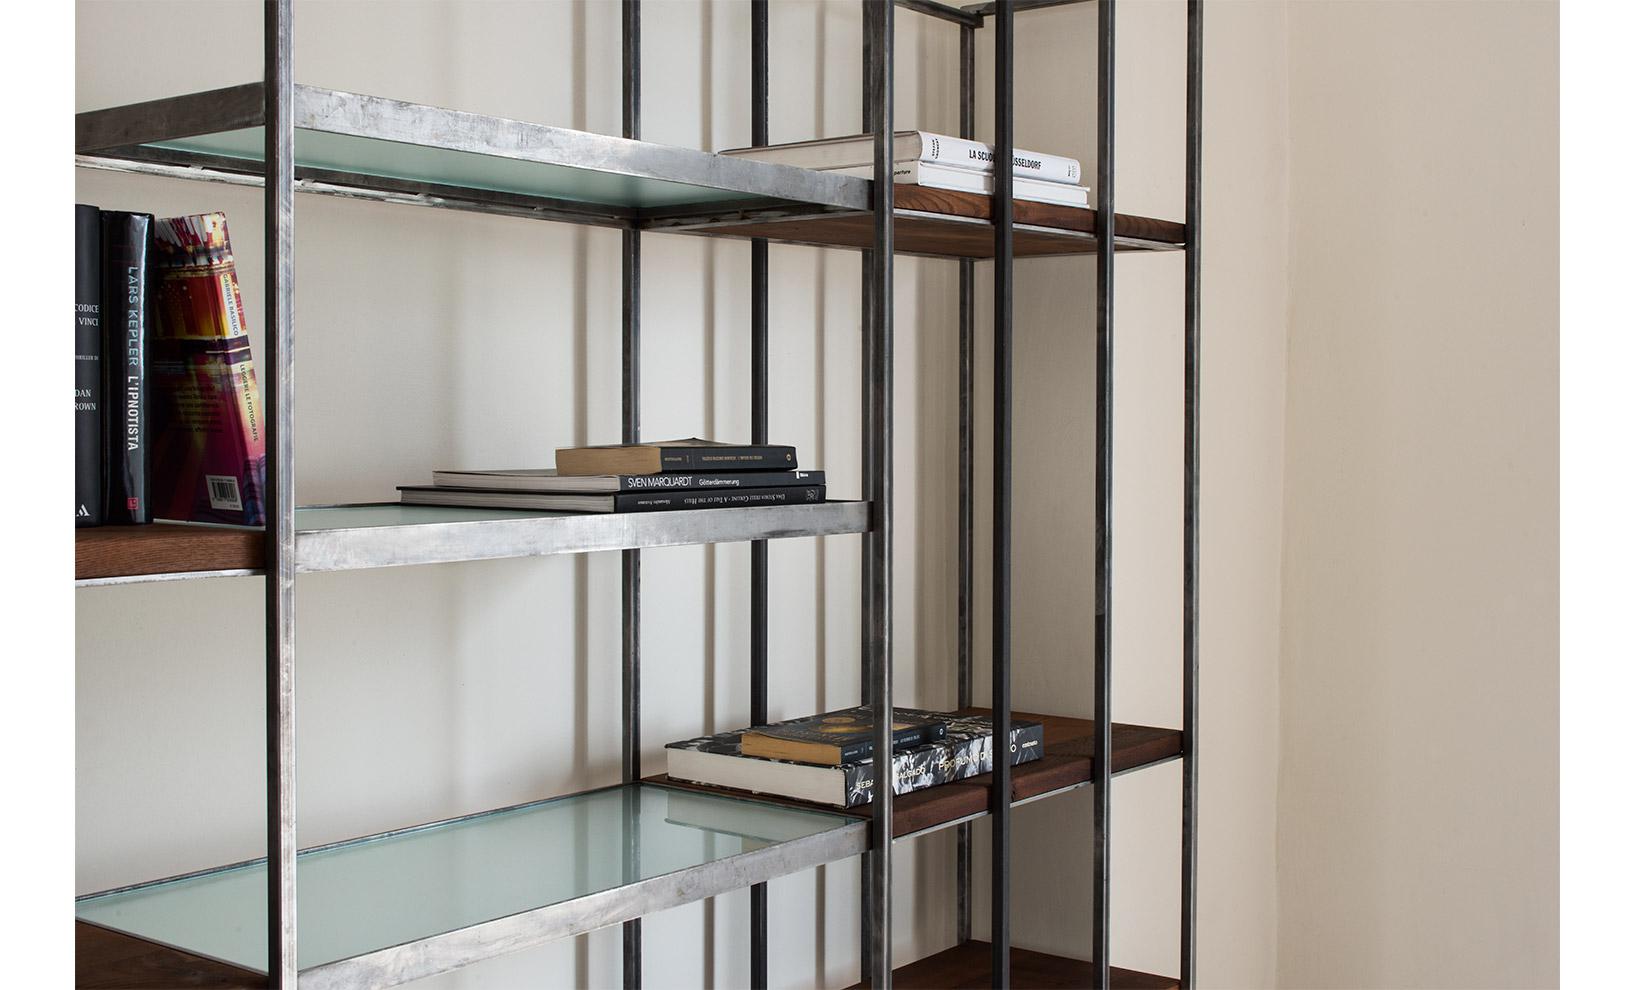 marco-tacchini-photographer-architetto-nutini-bookcase_09